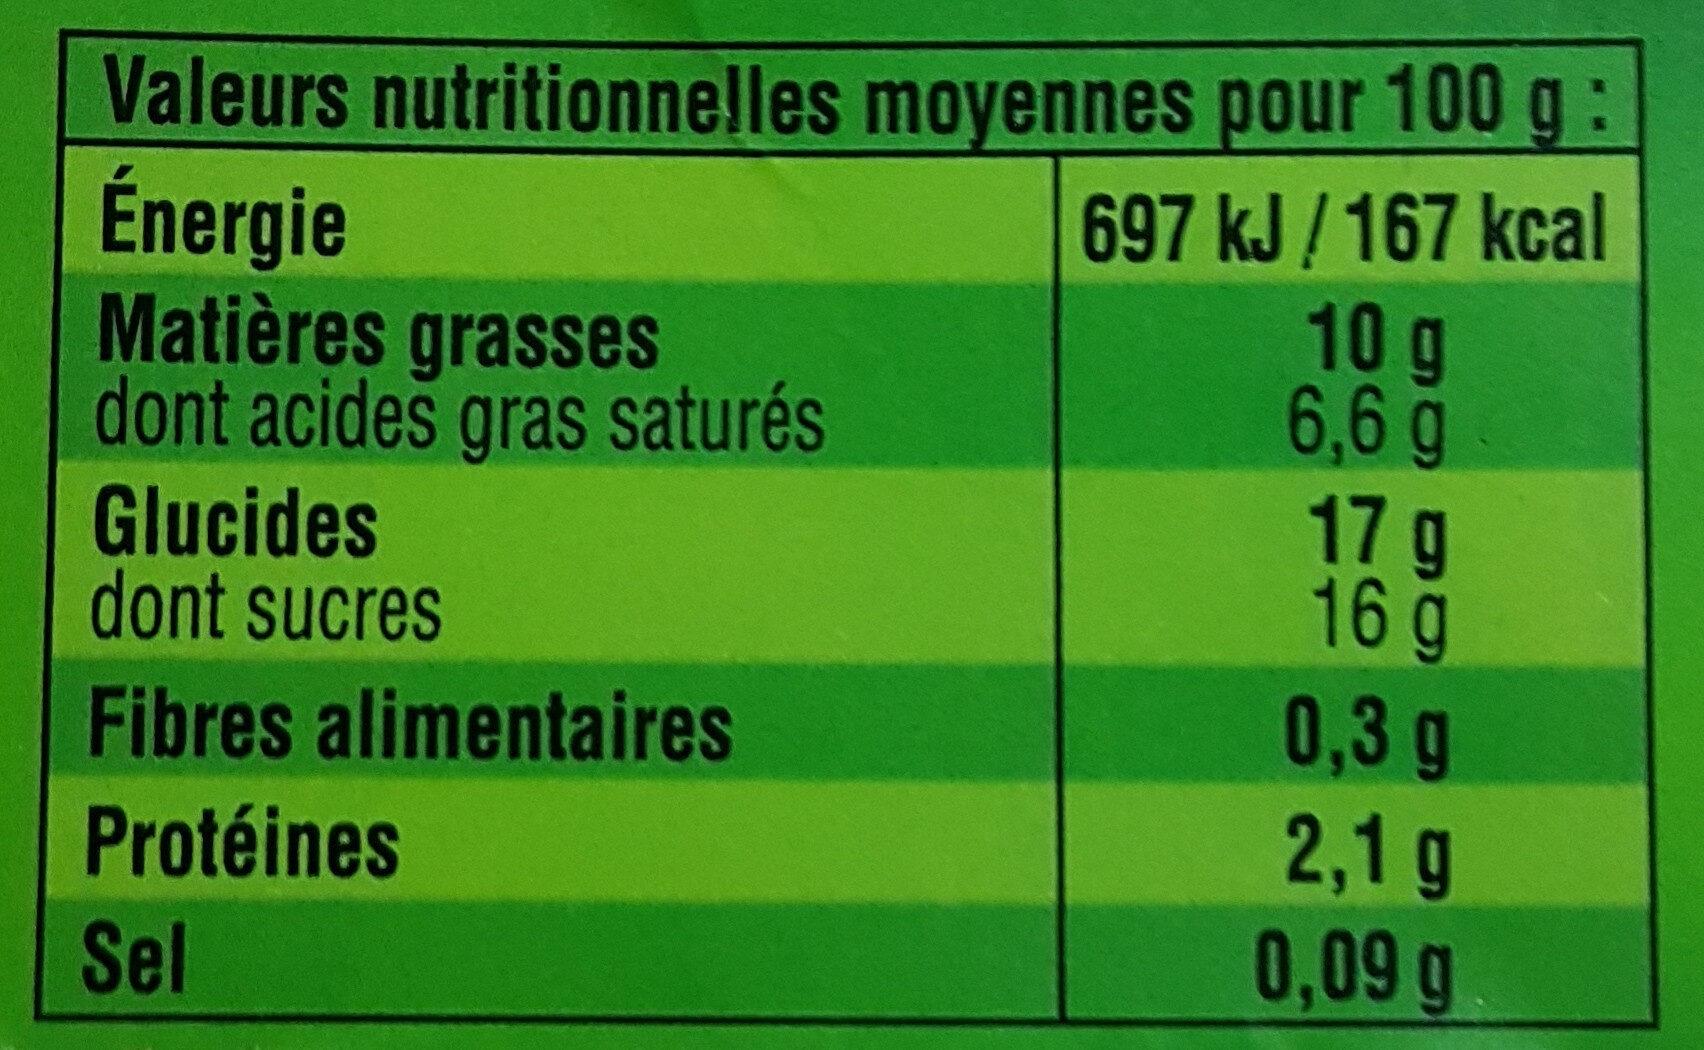 Mousse aux framboises - Informations nutritionnelles - fr